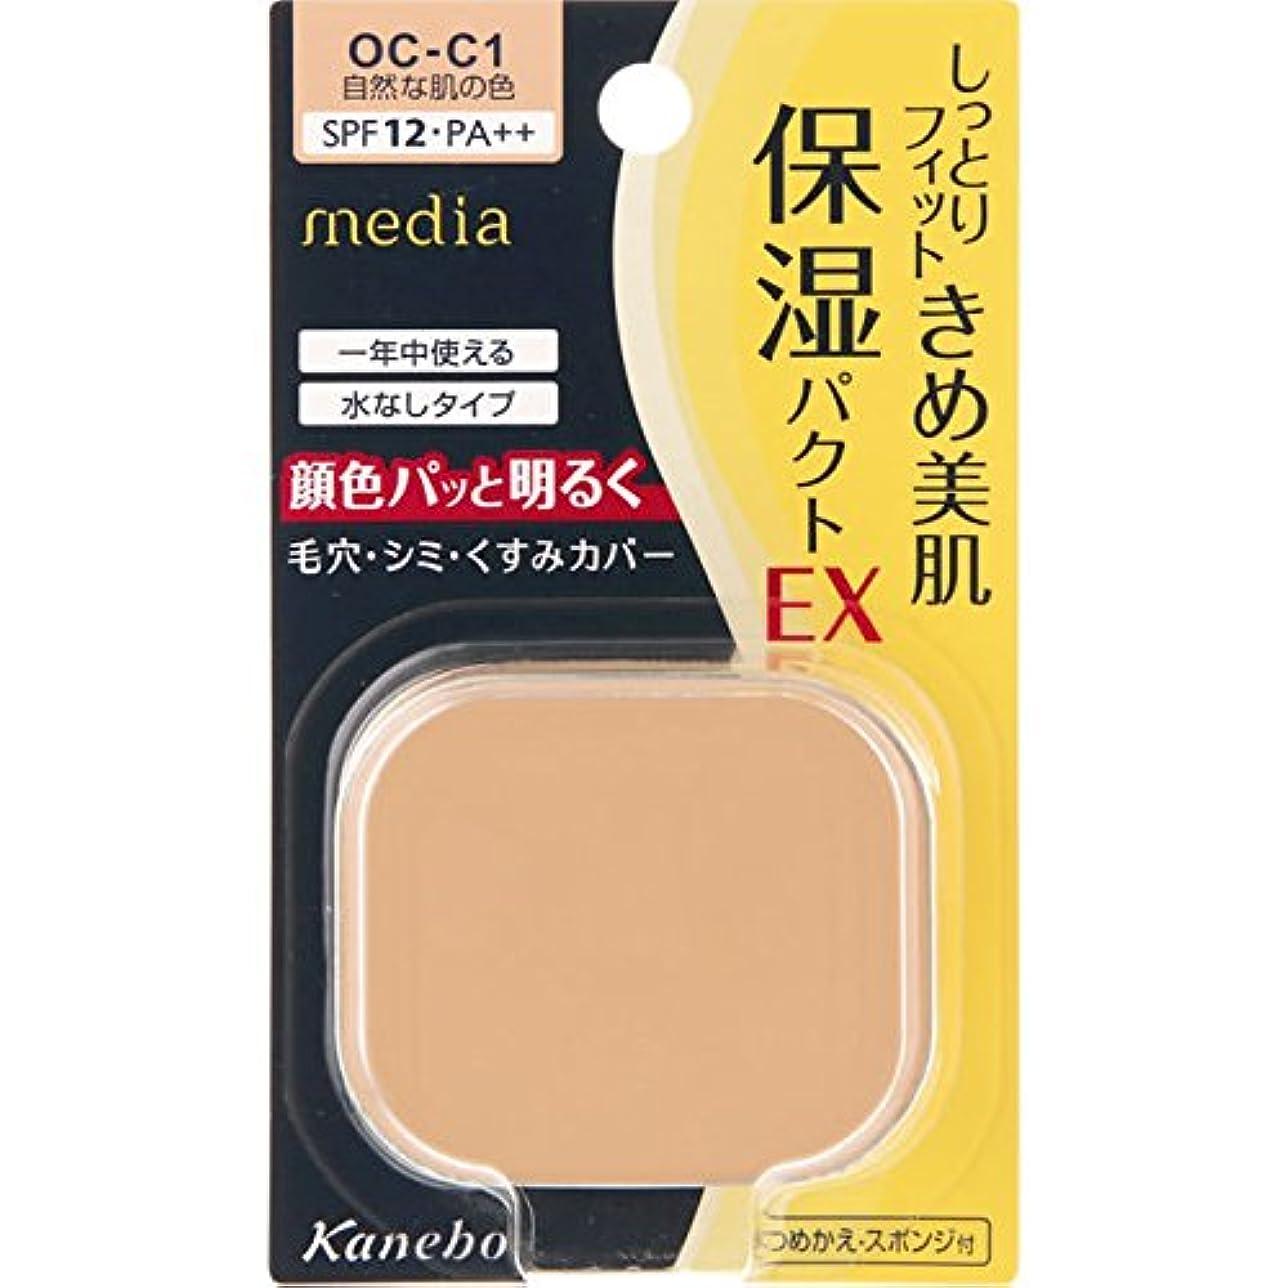 ラジエーター咳香りカネボウ メディア モイストフィットパクトEX<つめかえ> OC-C1(11g)